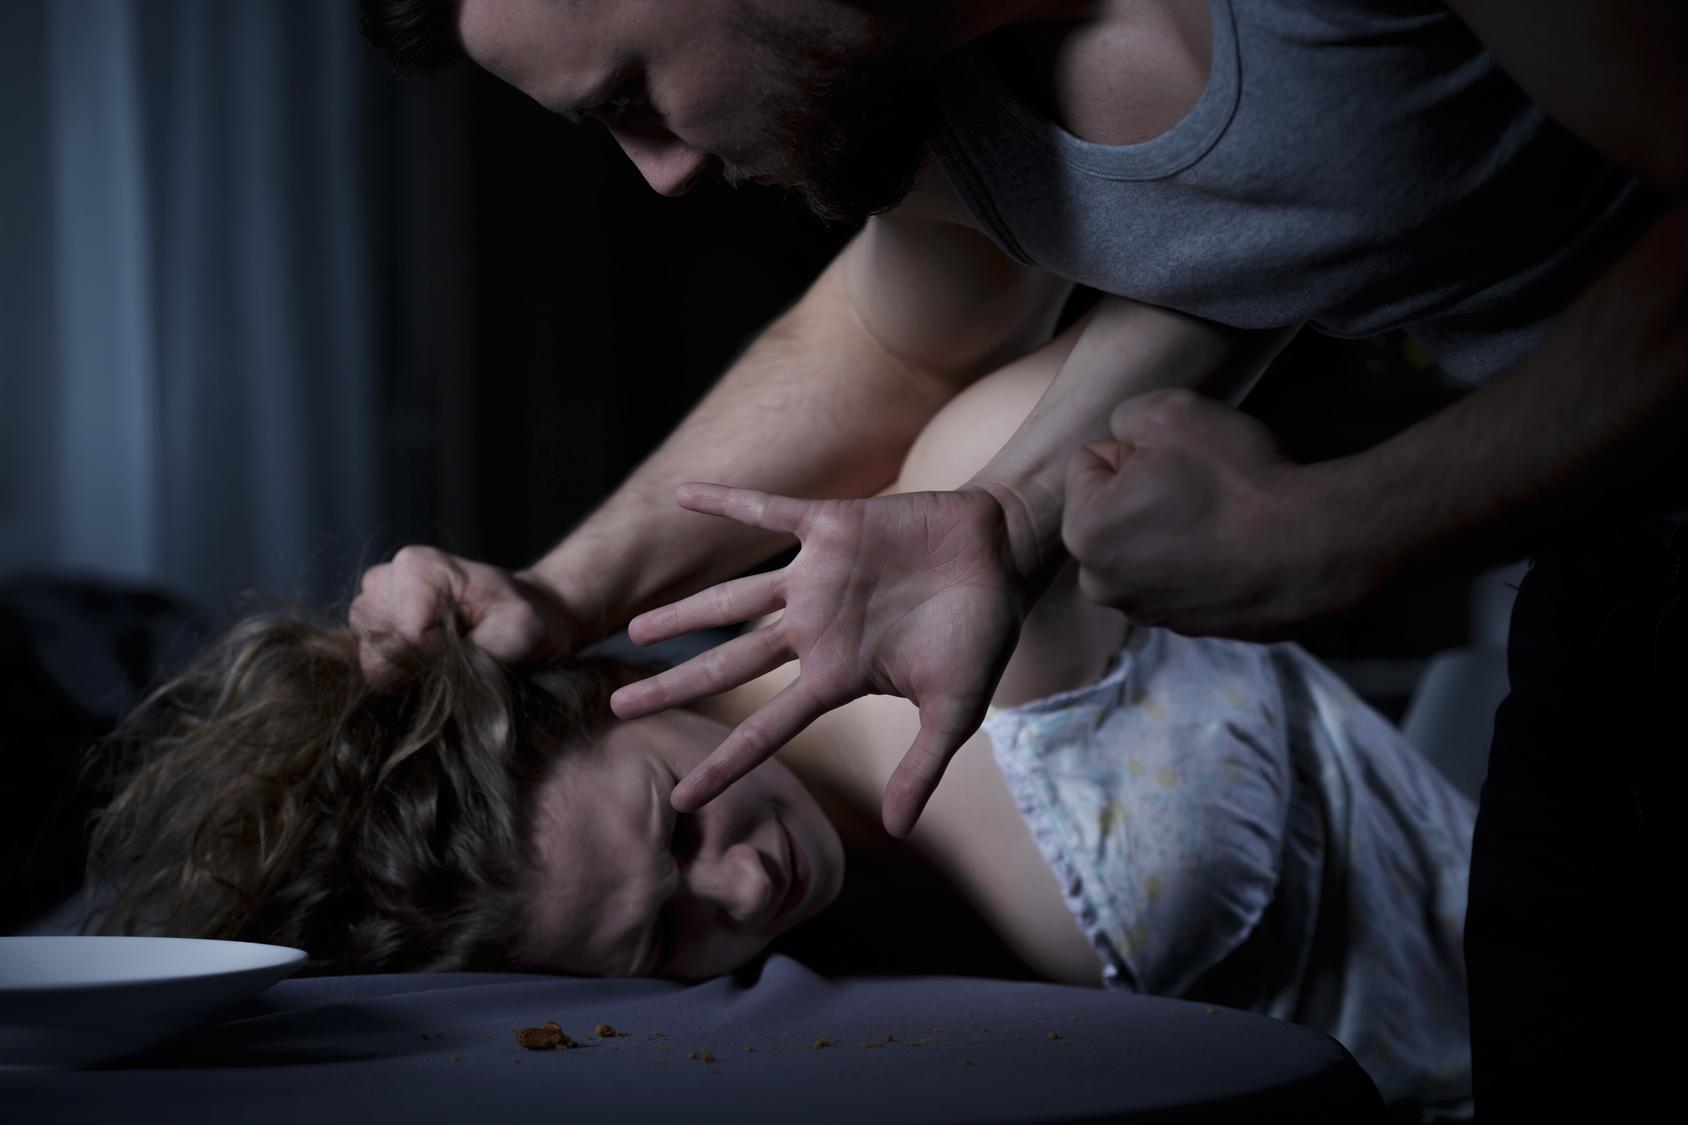 Hochschwangere verprügelt und vergewaltigt